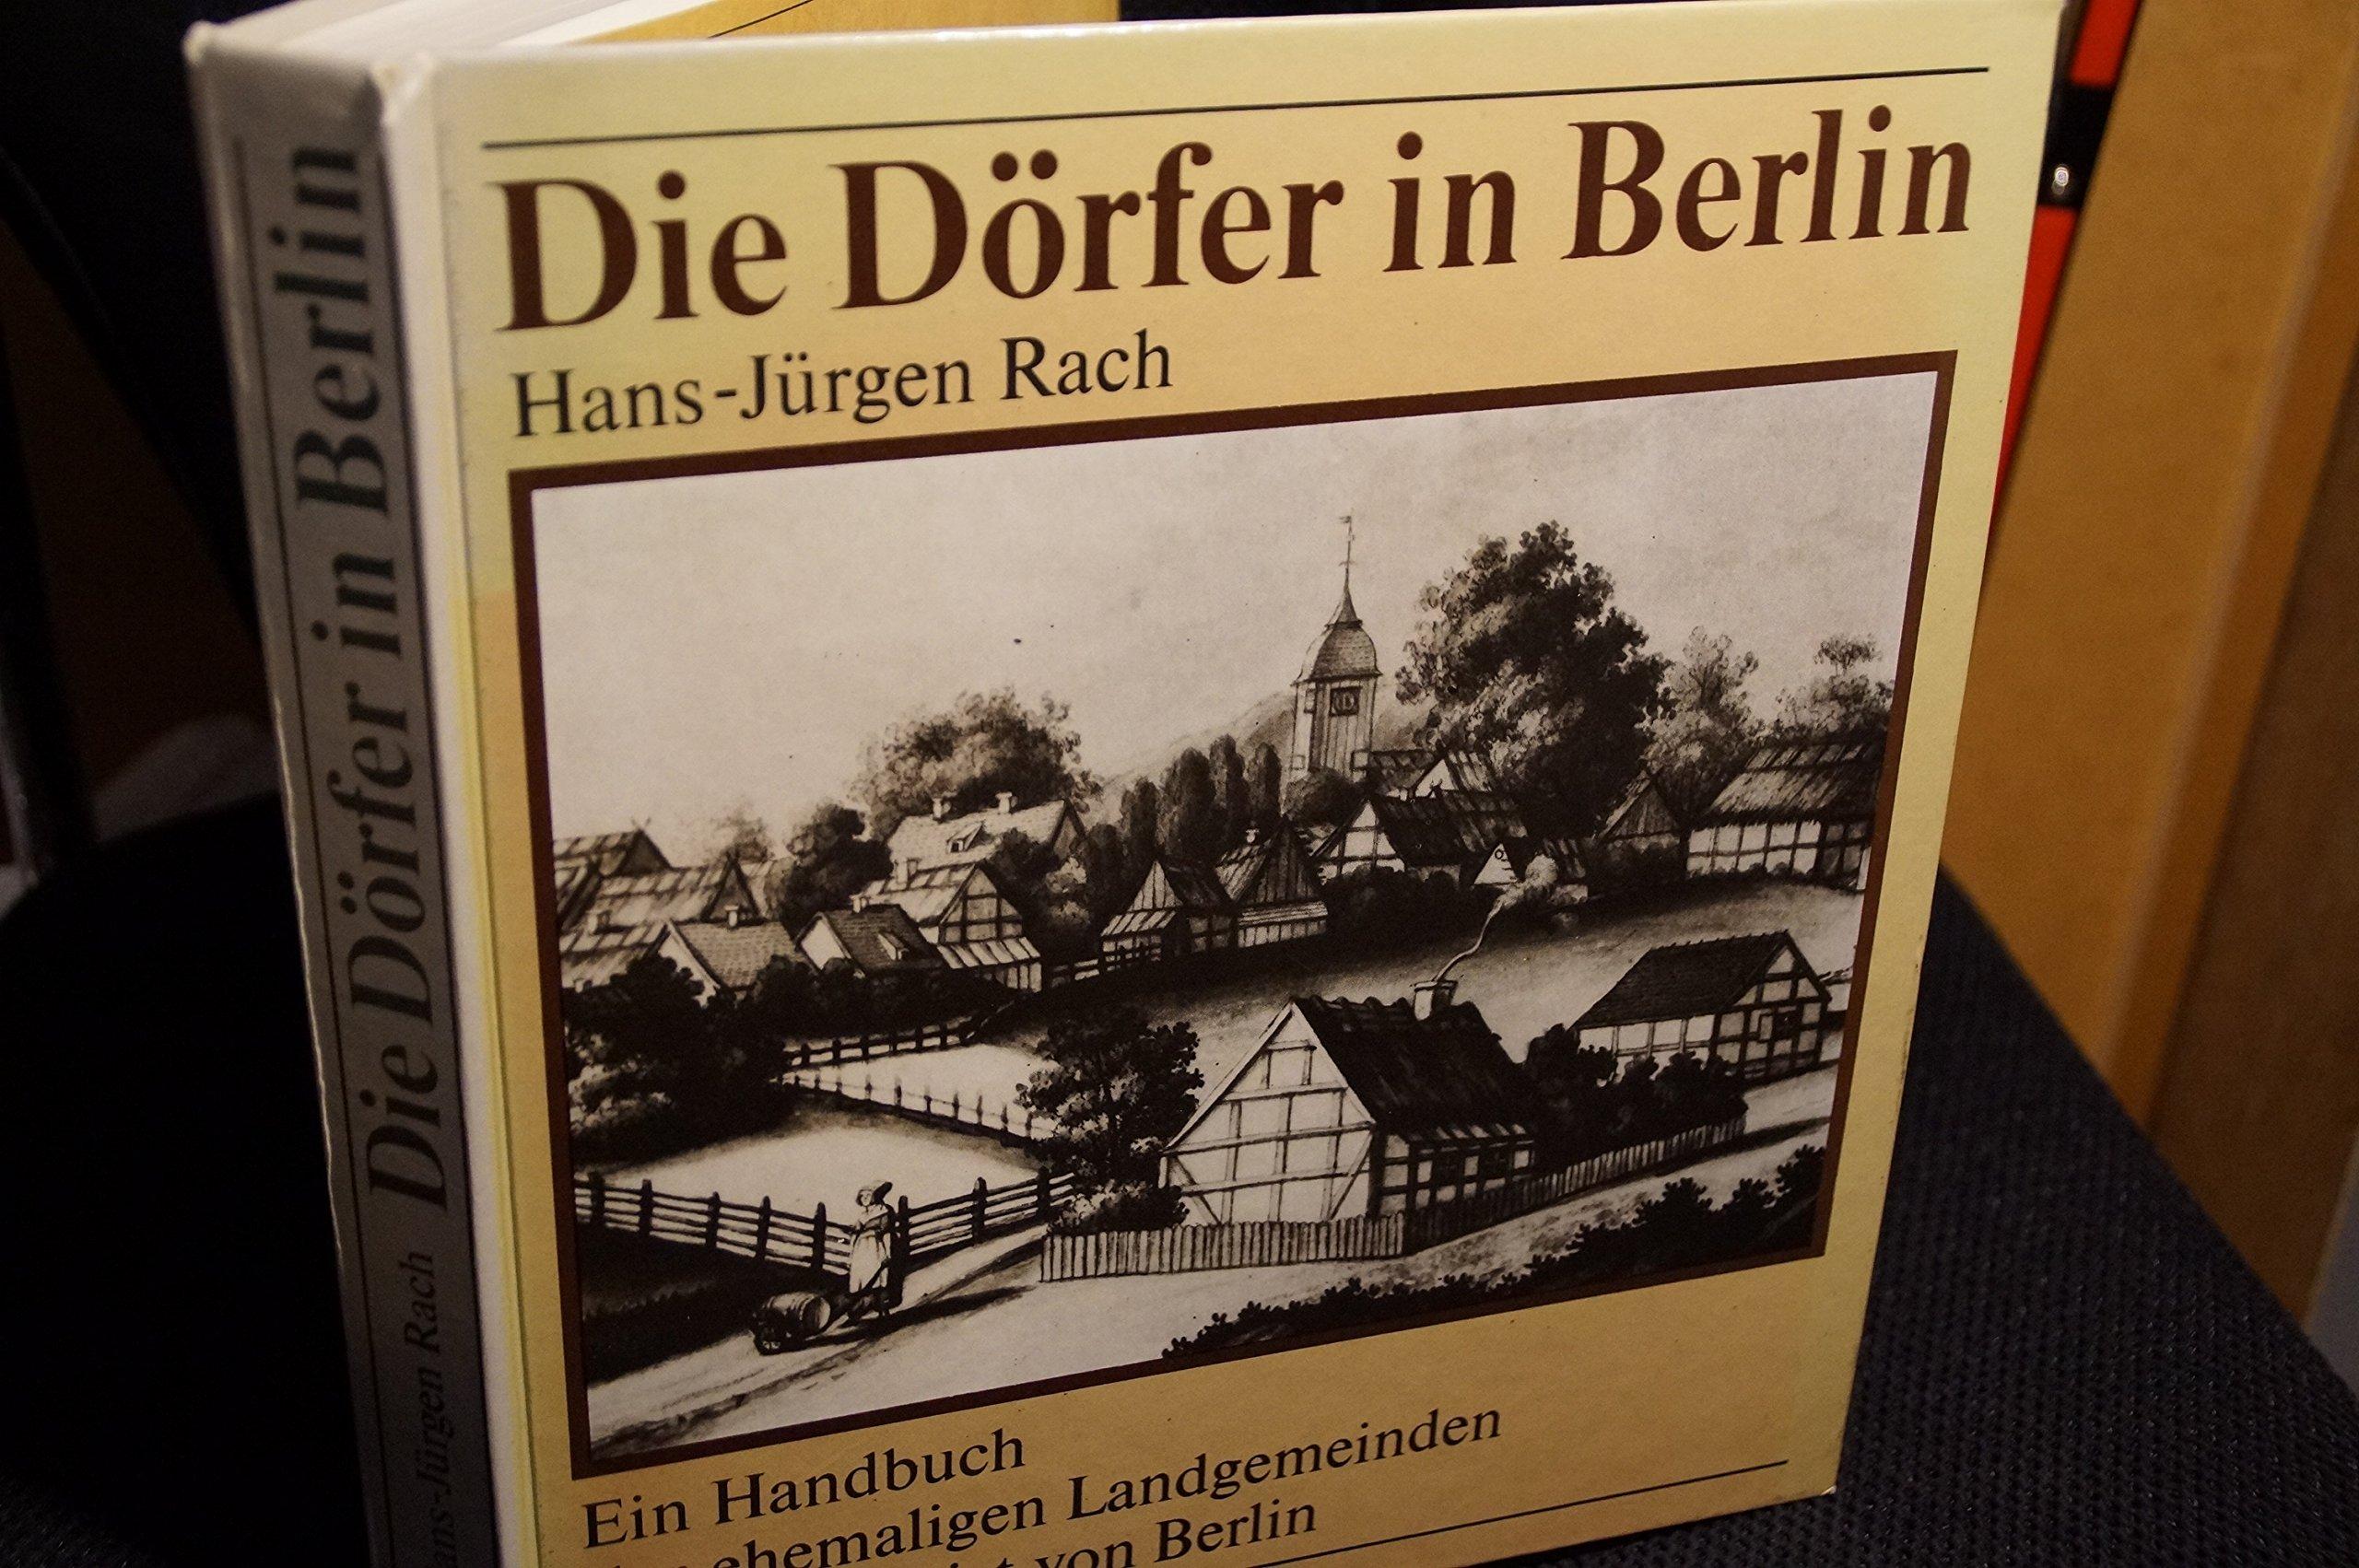 Die Dörfer in Berlin. Ein Handbuch der ehemaligen Landgemeinden im Stadtgebiet von Berlin